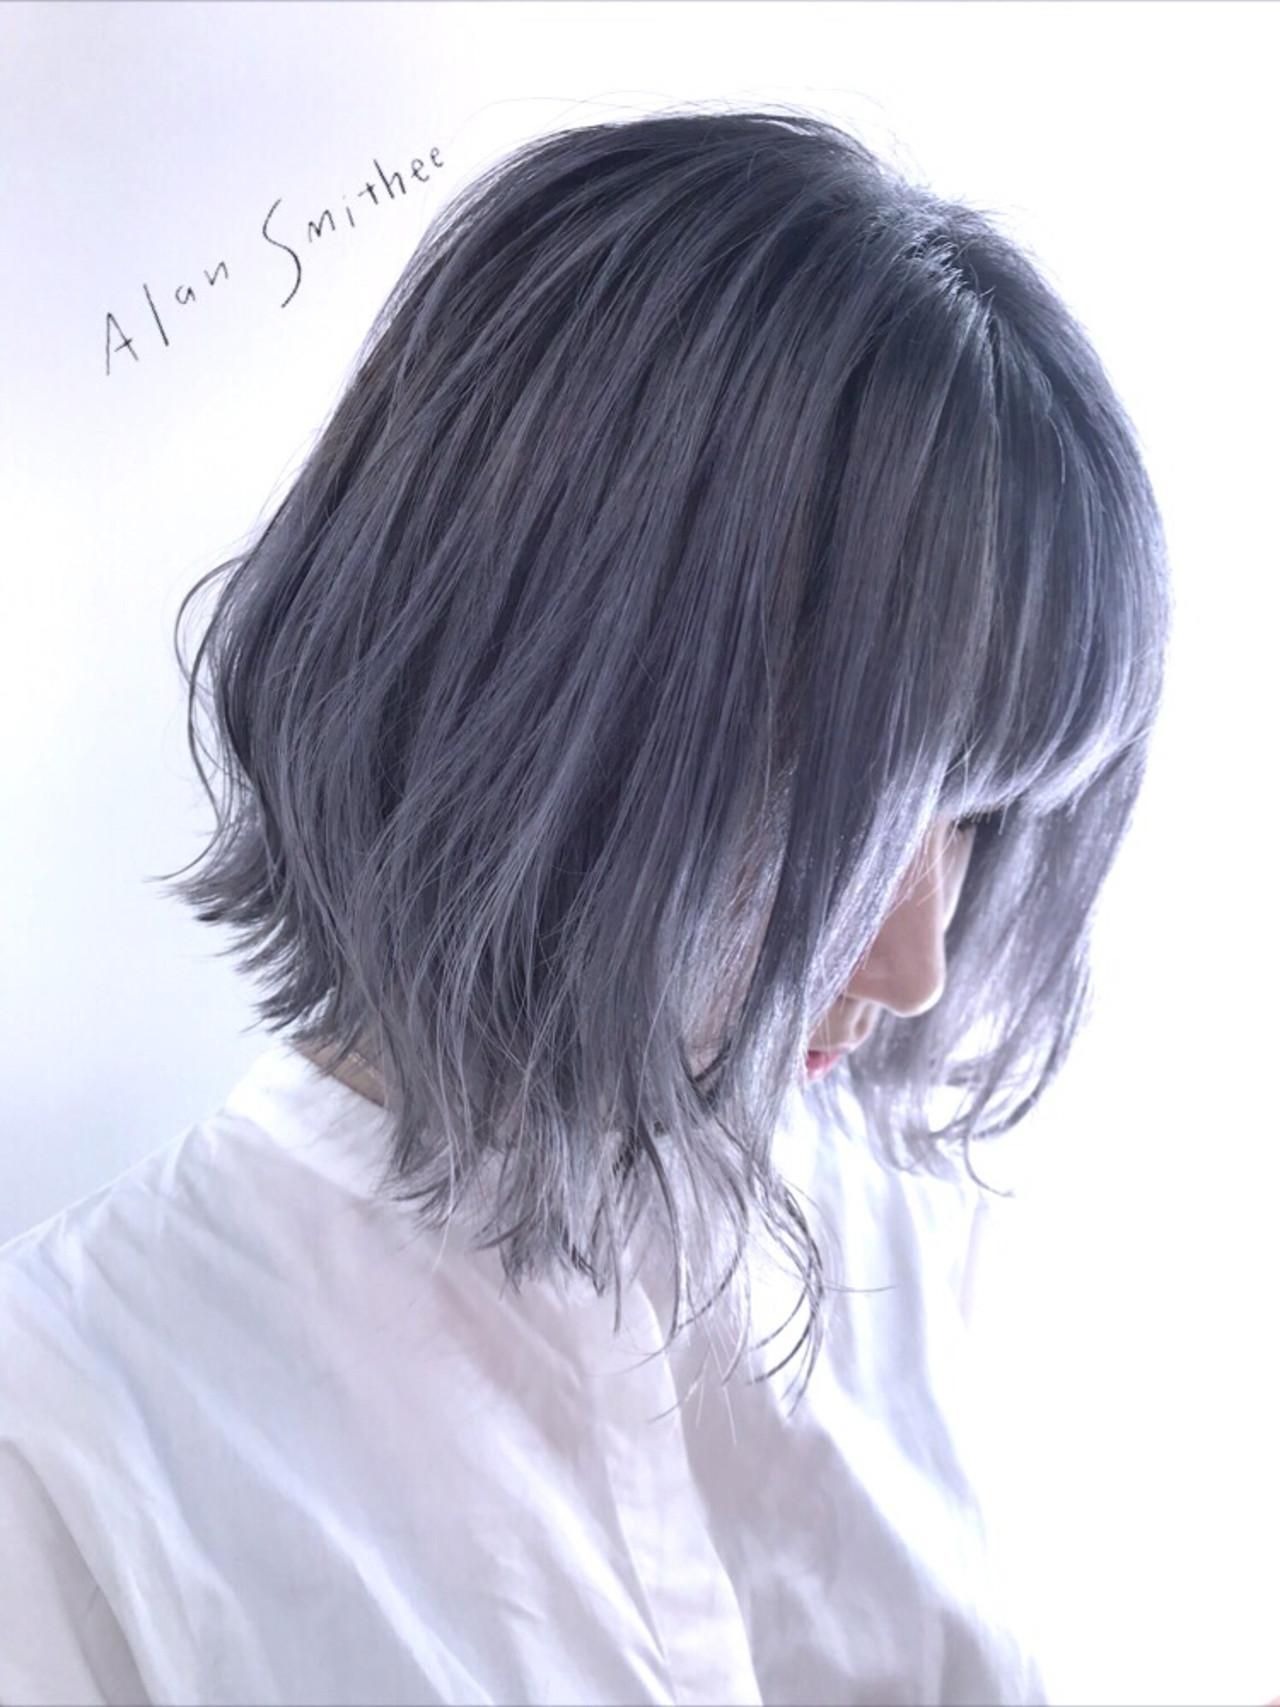 アッシュグレー グレー ボブ モード ヘアスタイルや髪型の写真・画像 | 津川比佳理 / AlanSmithee